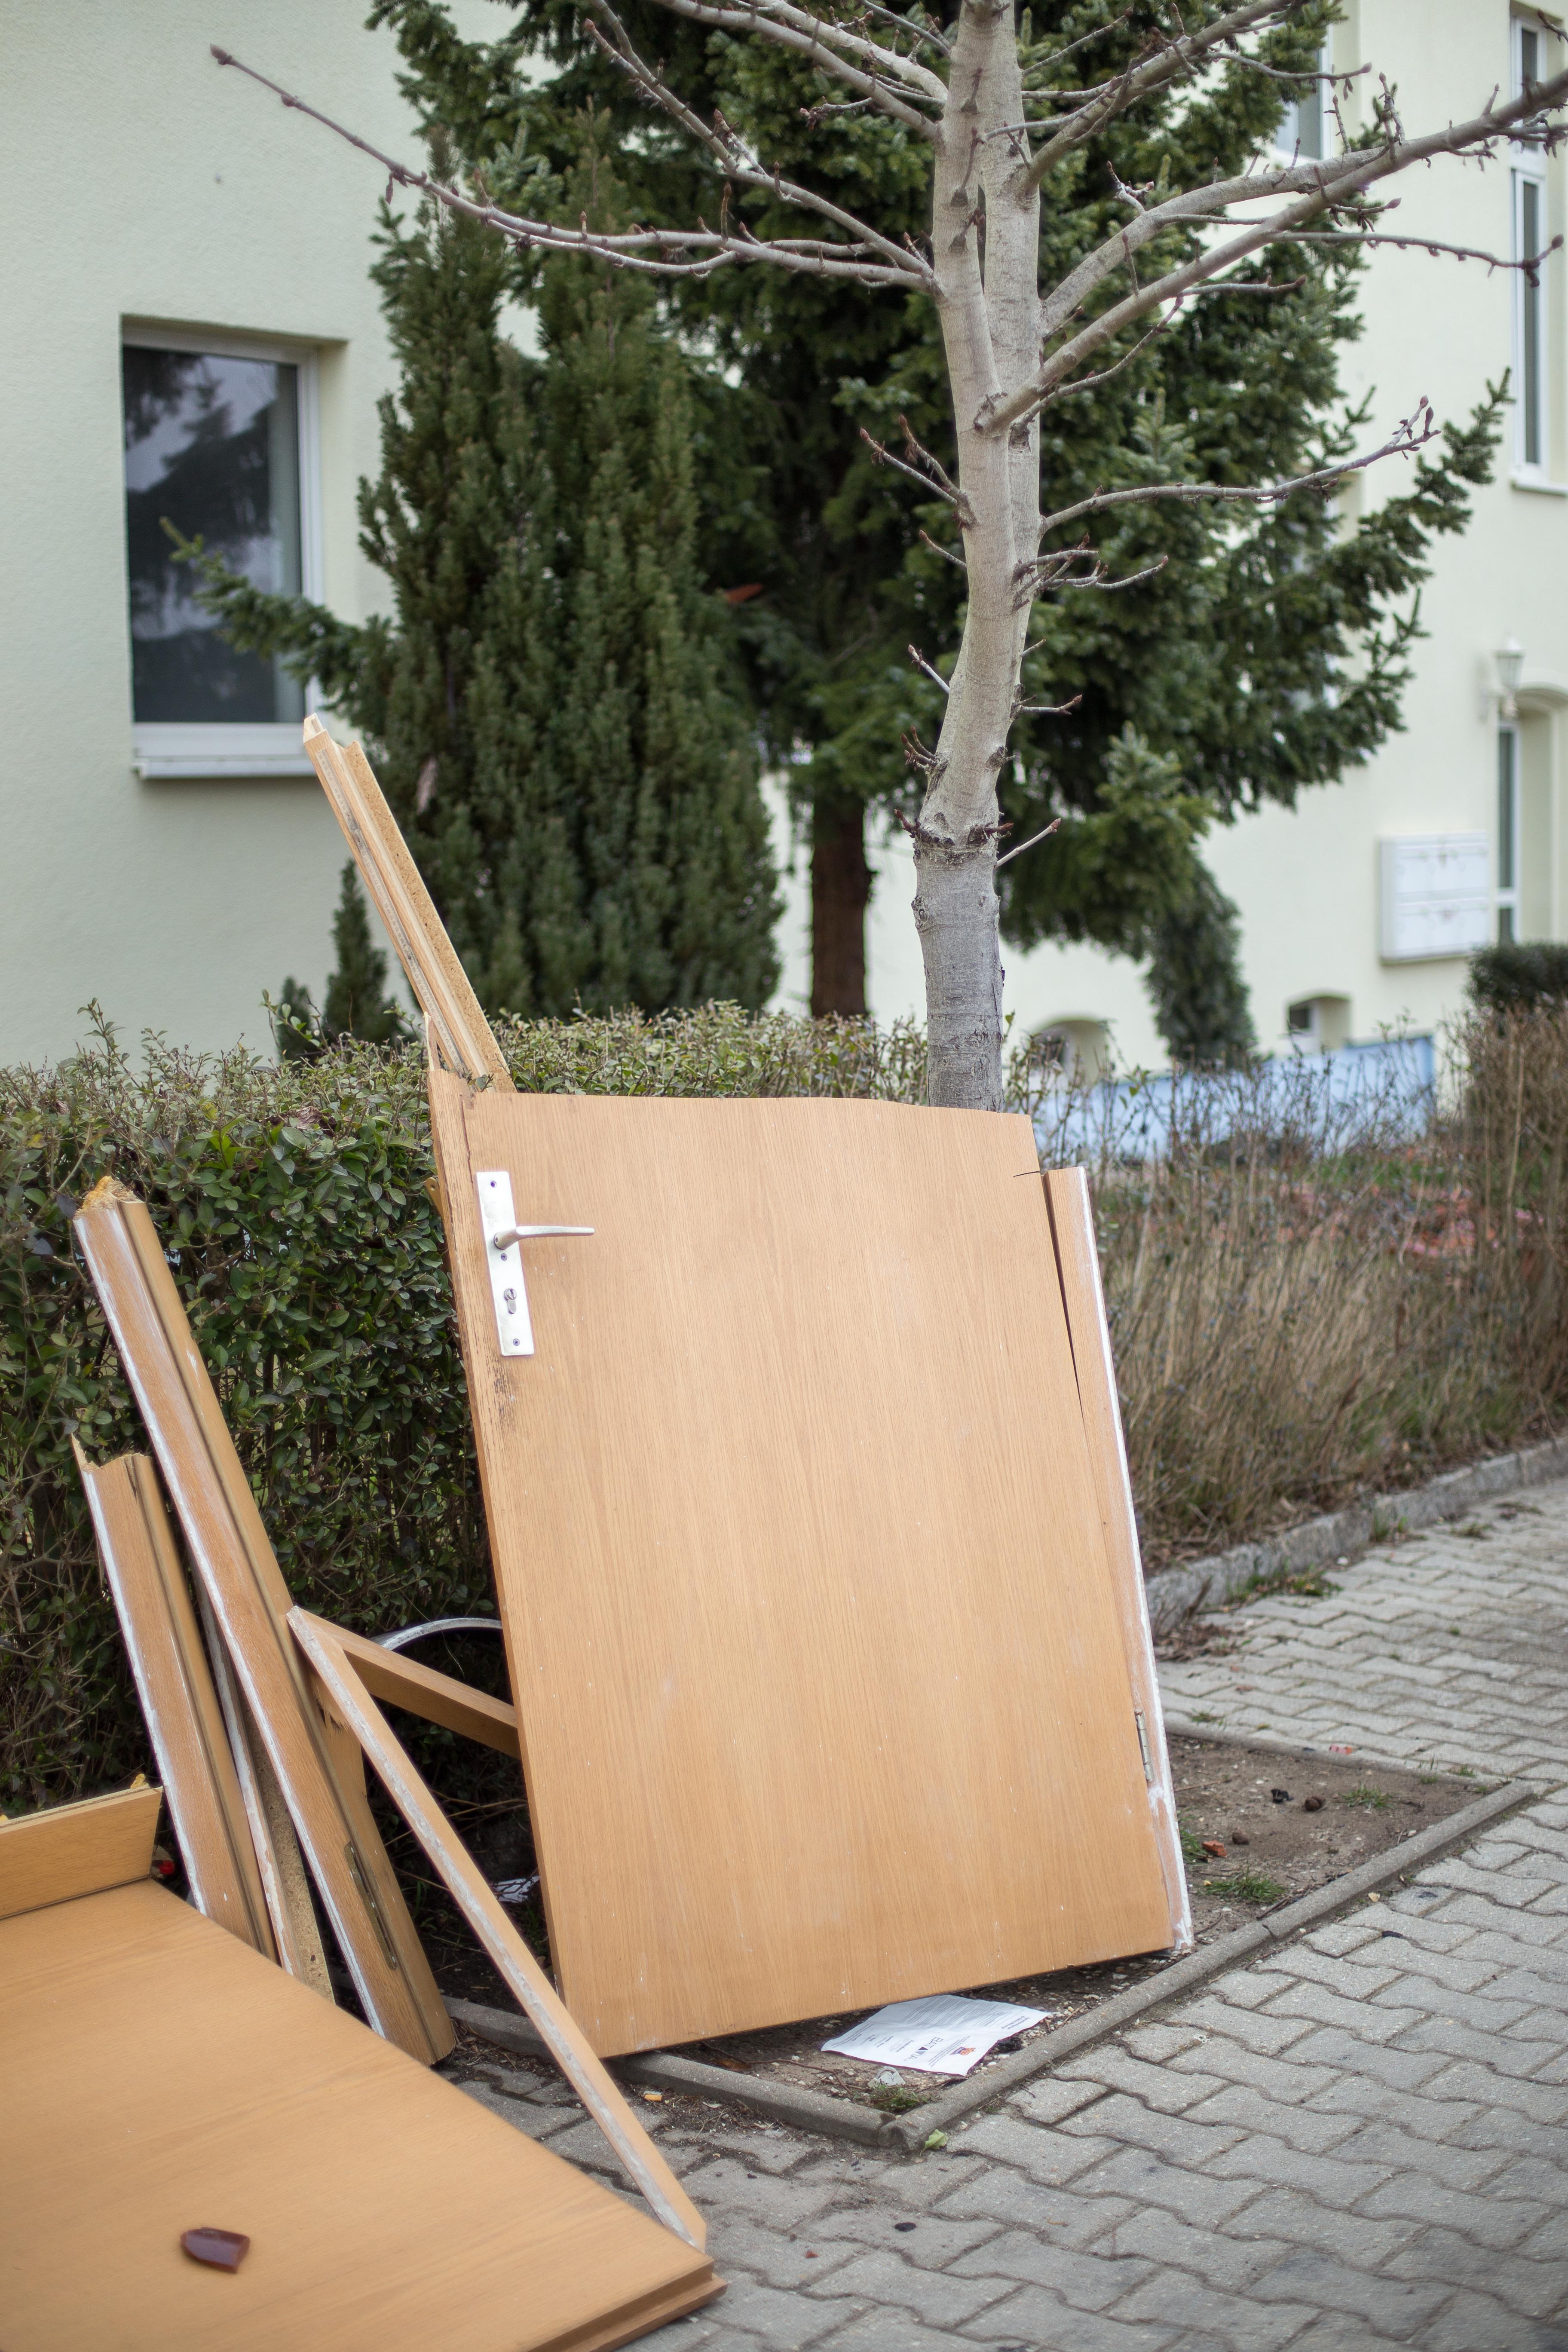 Tröglitz_Politiken_IMG_7515_Carolin-Weinkopf